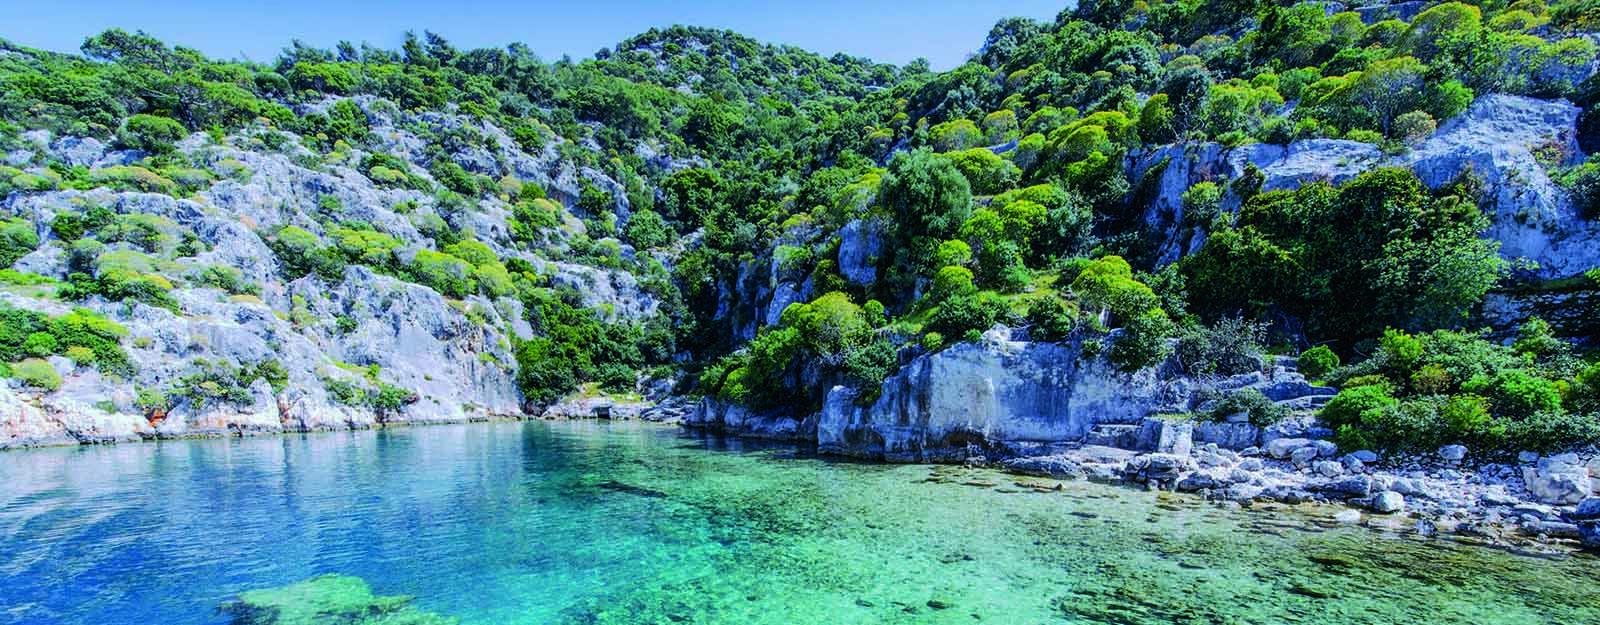 Joindre l'antique à l'agréable sur la voie lycienne en Turquie